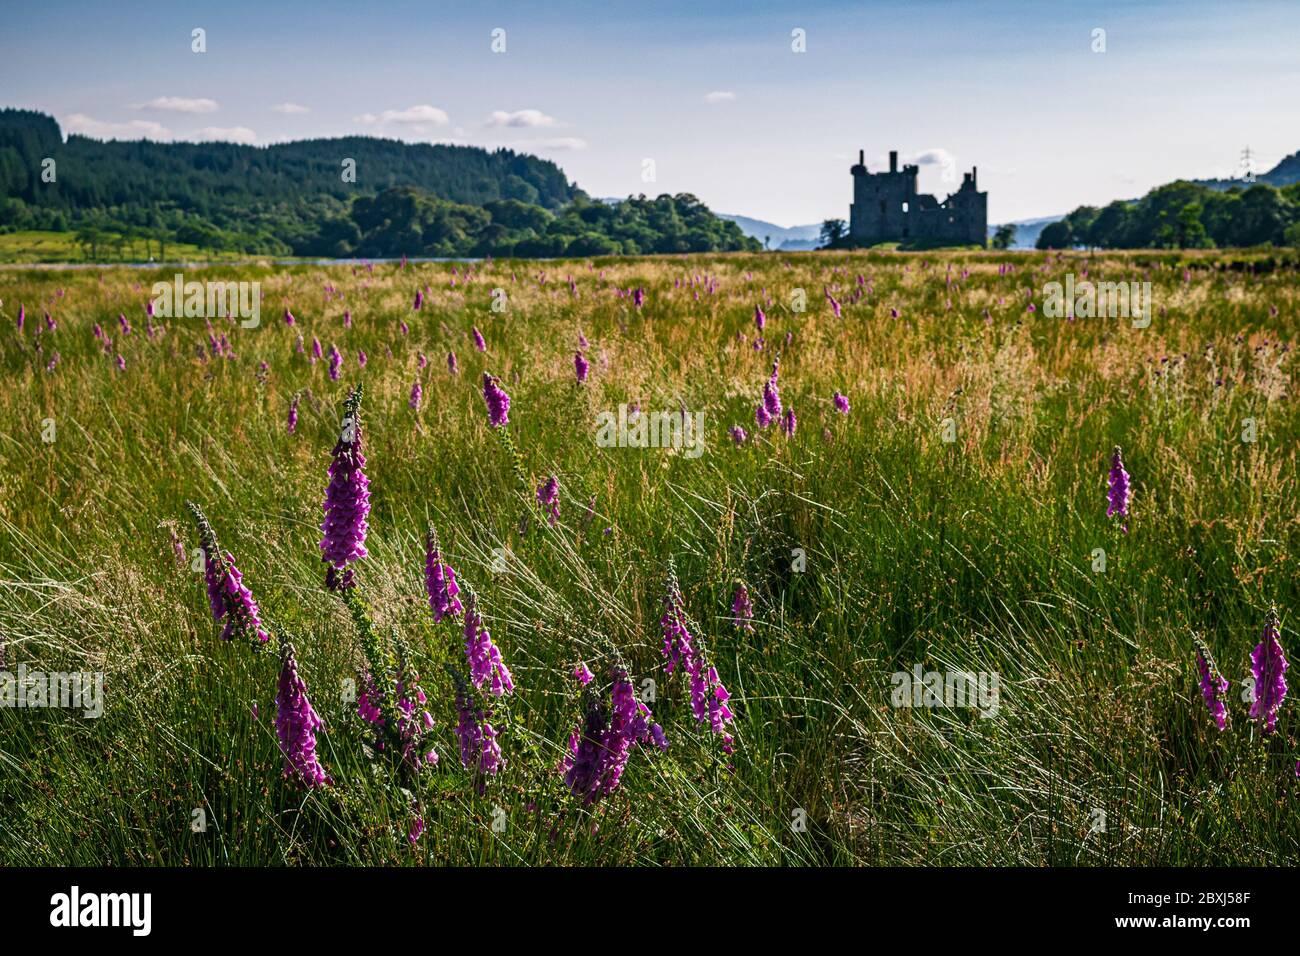 Paysage rural écossais d'été avec un champ plein de fleurs sauvages pourpres et silhouette du château de Kilchurn en arrière-plan. Banque D'Images